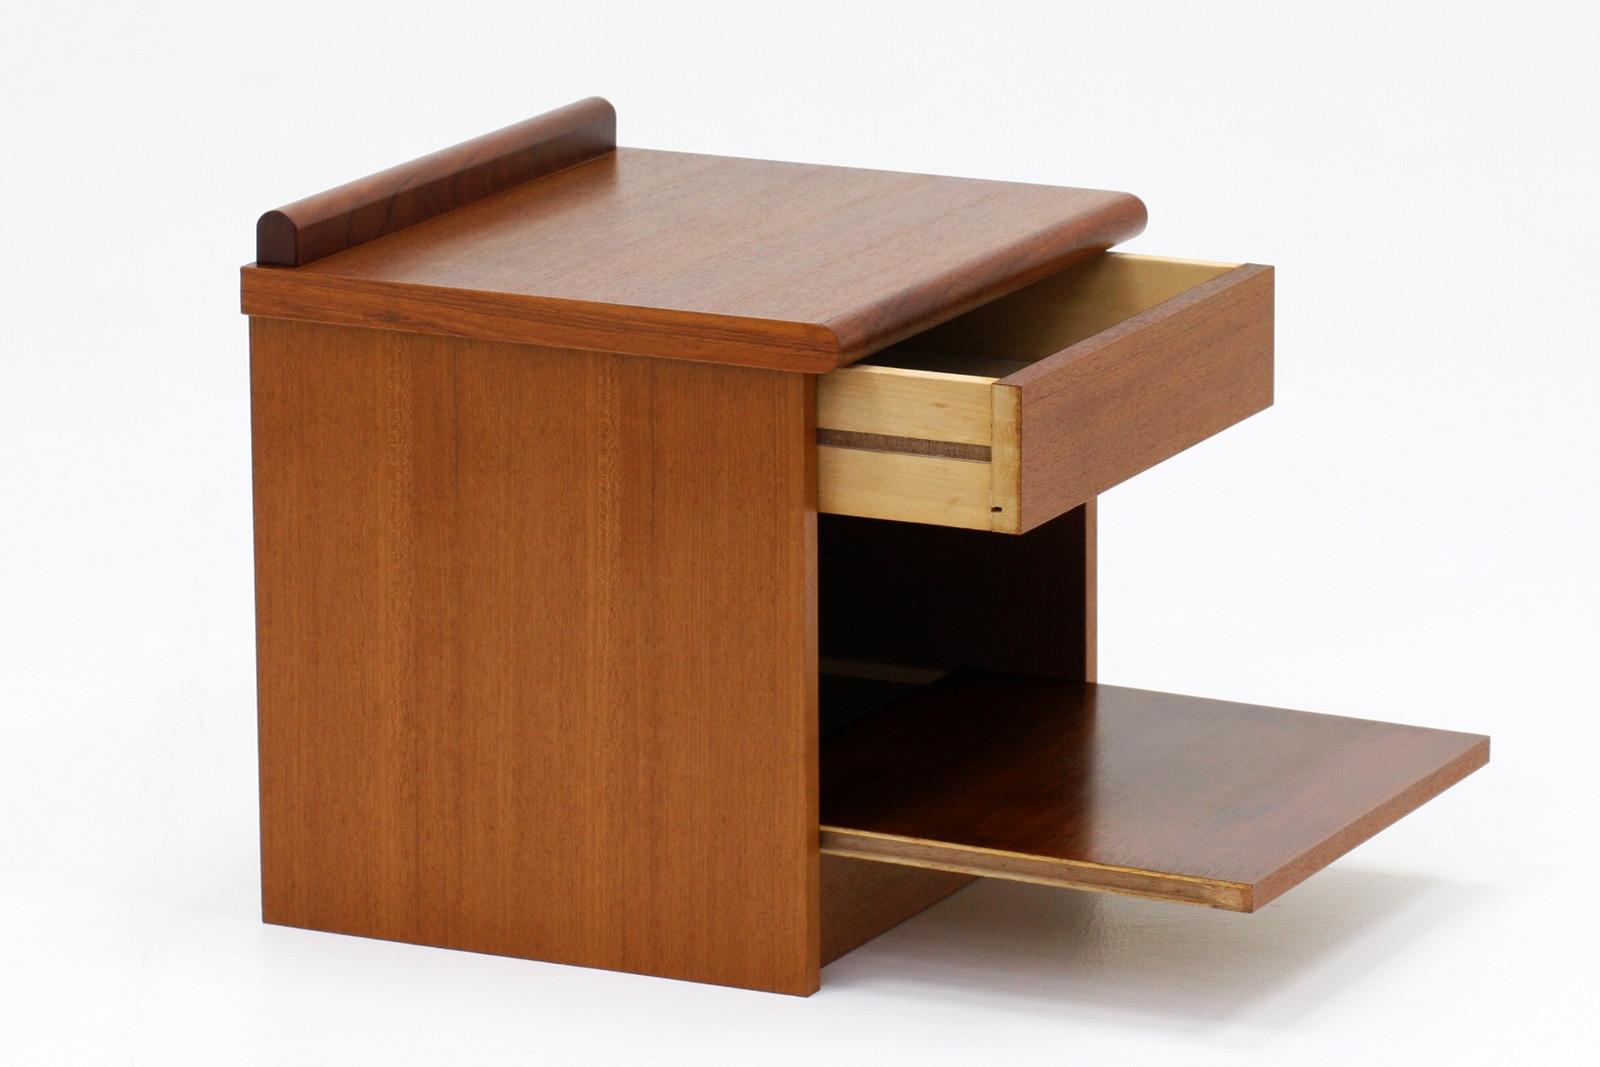 ジャパン,ヴィンテージ家具,ナイトテーブル,チーク材